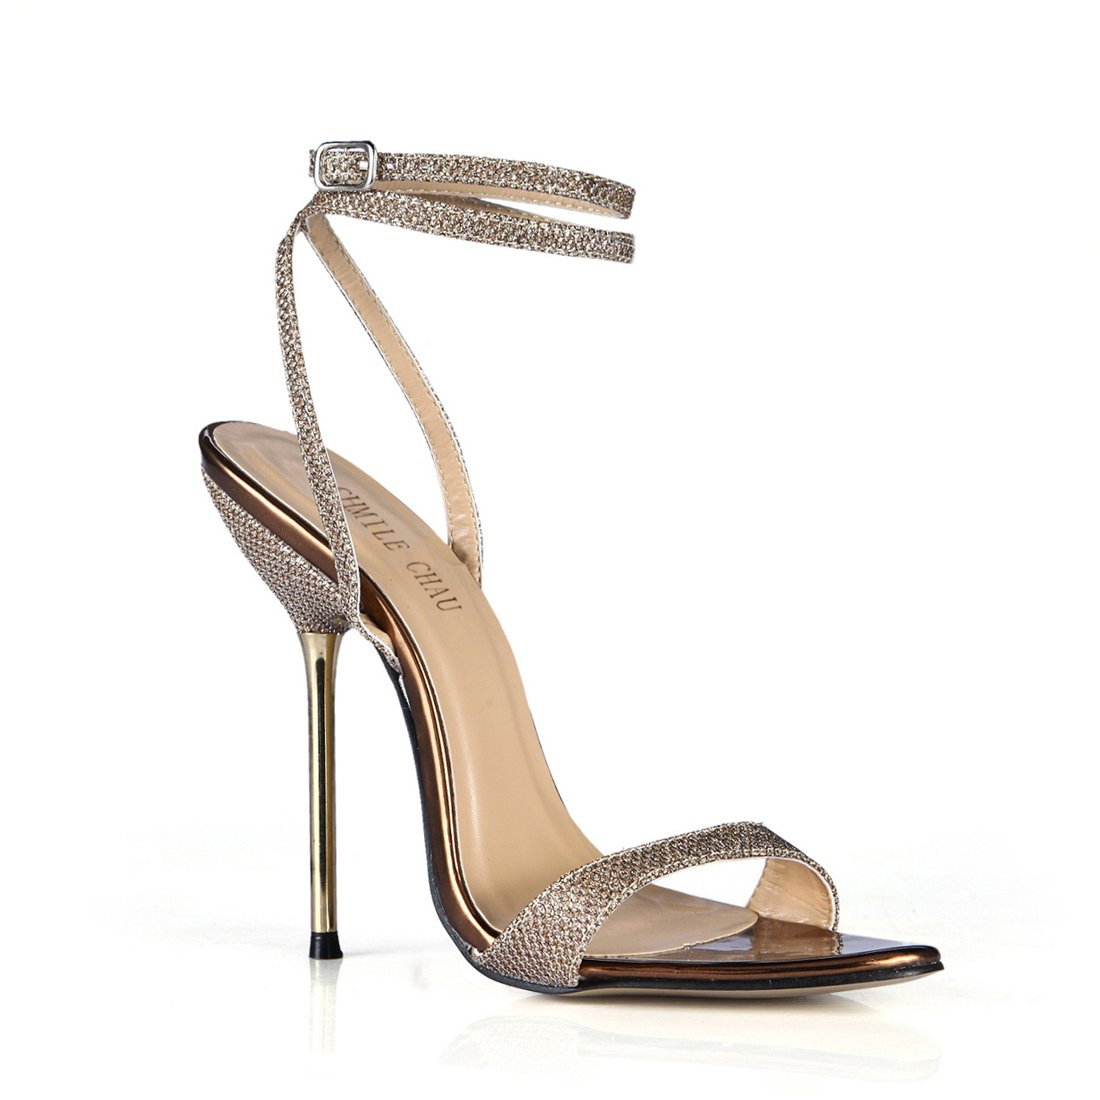 competitive price 269b4 abf0d CHMILE CHAU-Scarpe da Donna-Sandali Tacco Alto Alto Alto a Spillo-Tacco